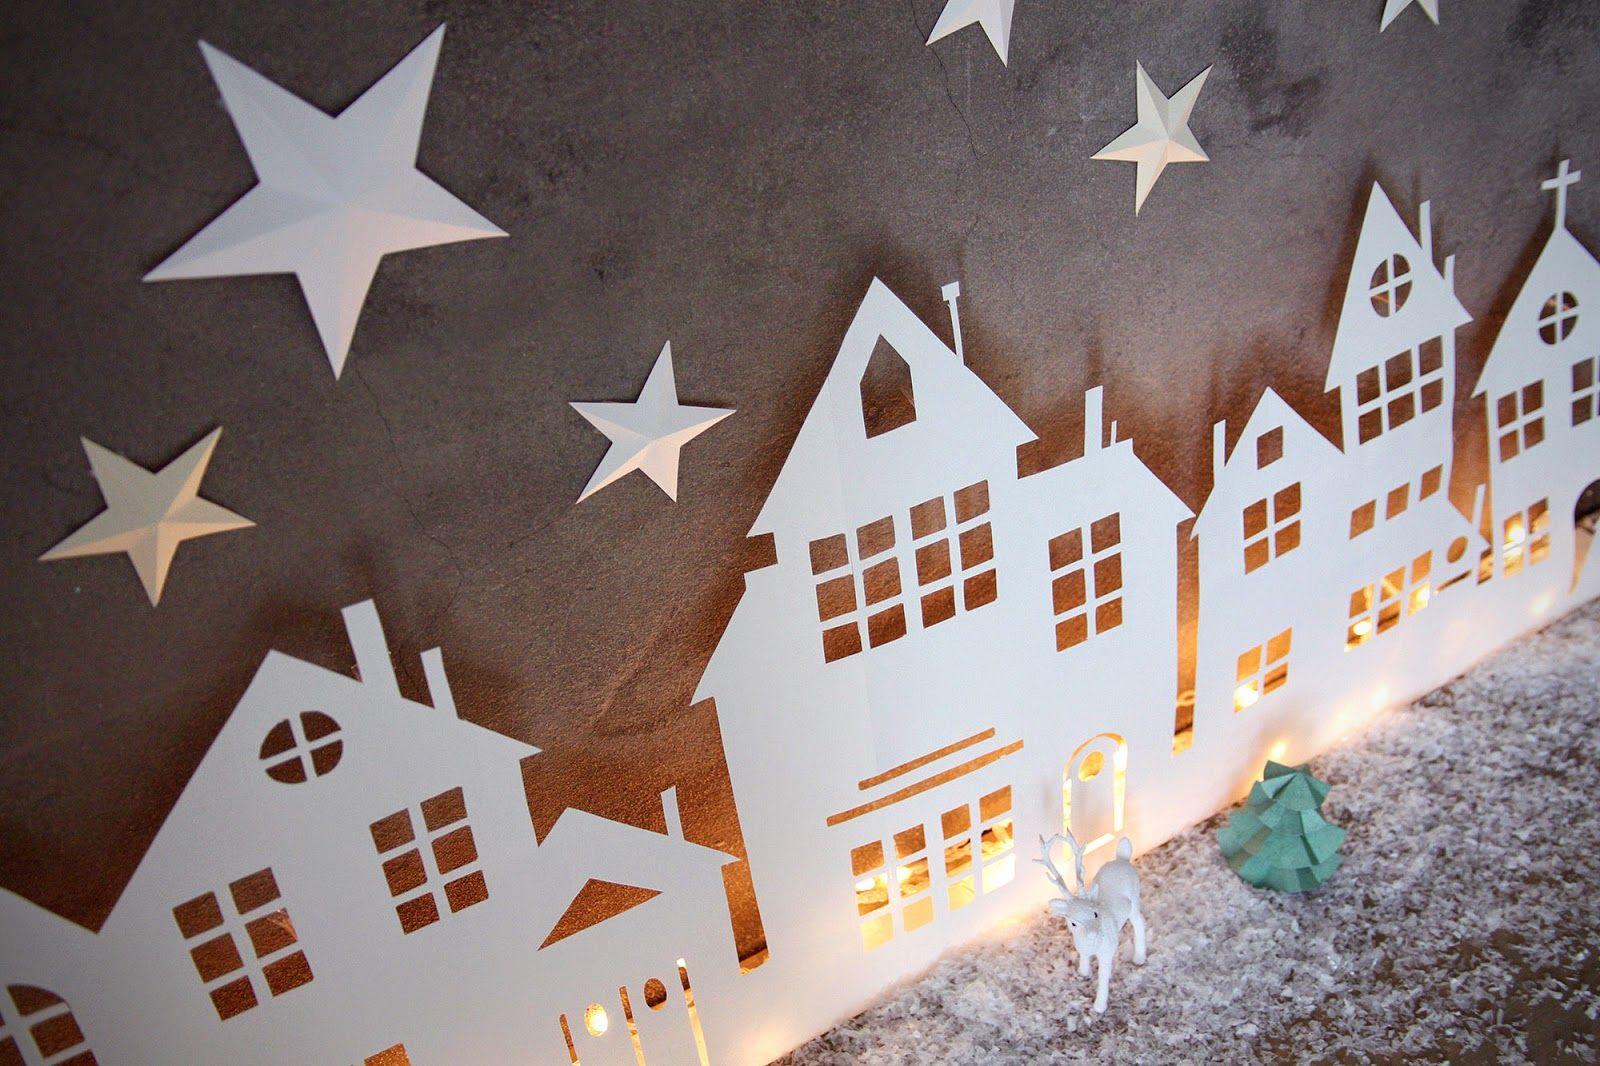 Aux petites merveilles blog cr atif diy food vie de maman ect diy village lumineux - Decoupage papier deco noel ...